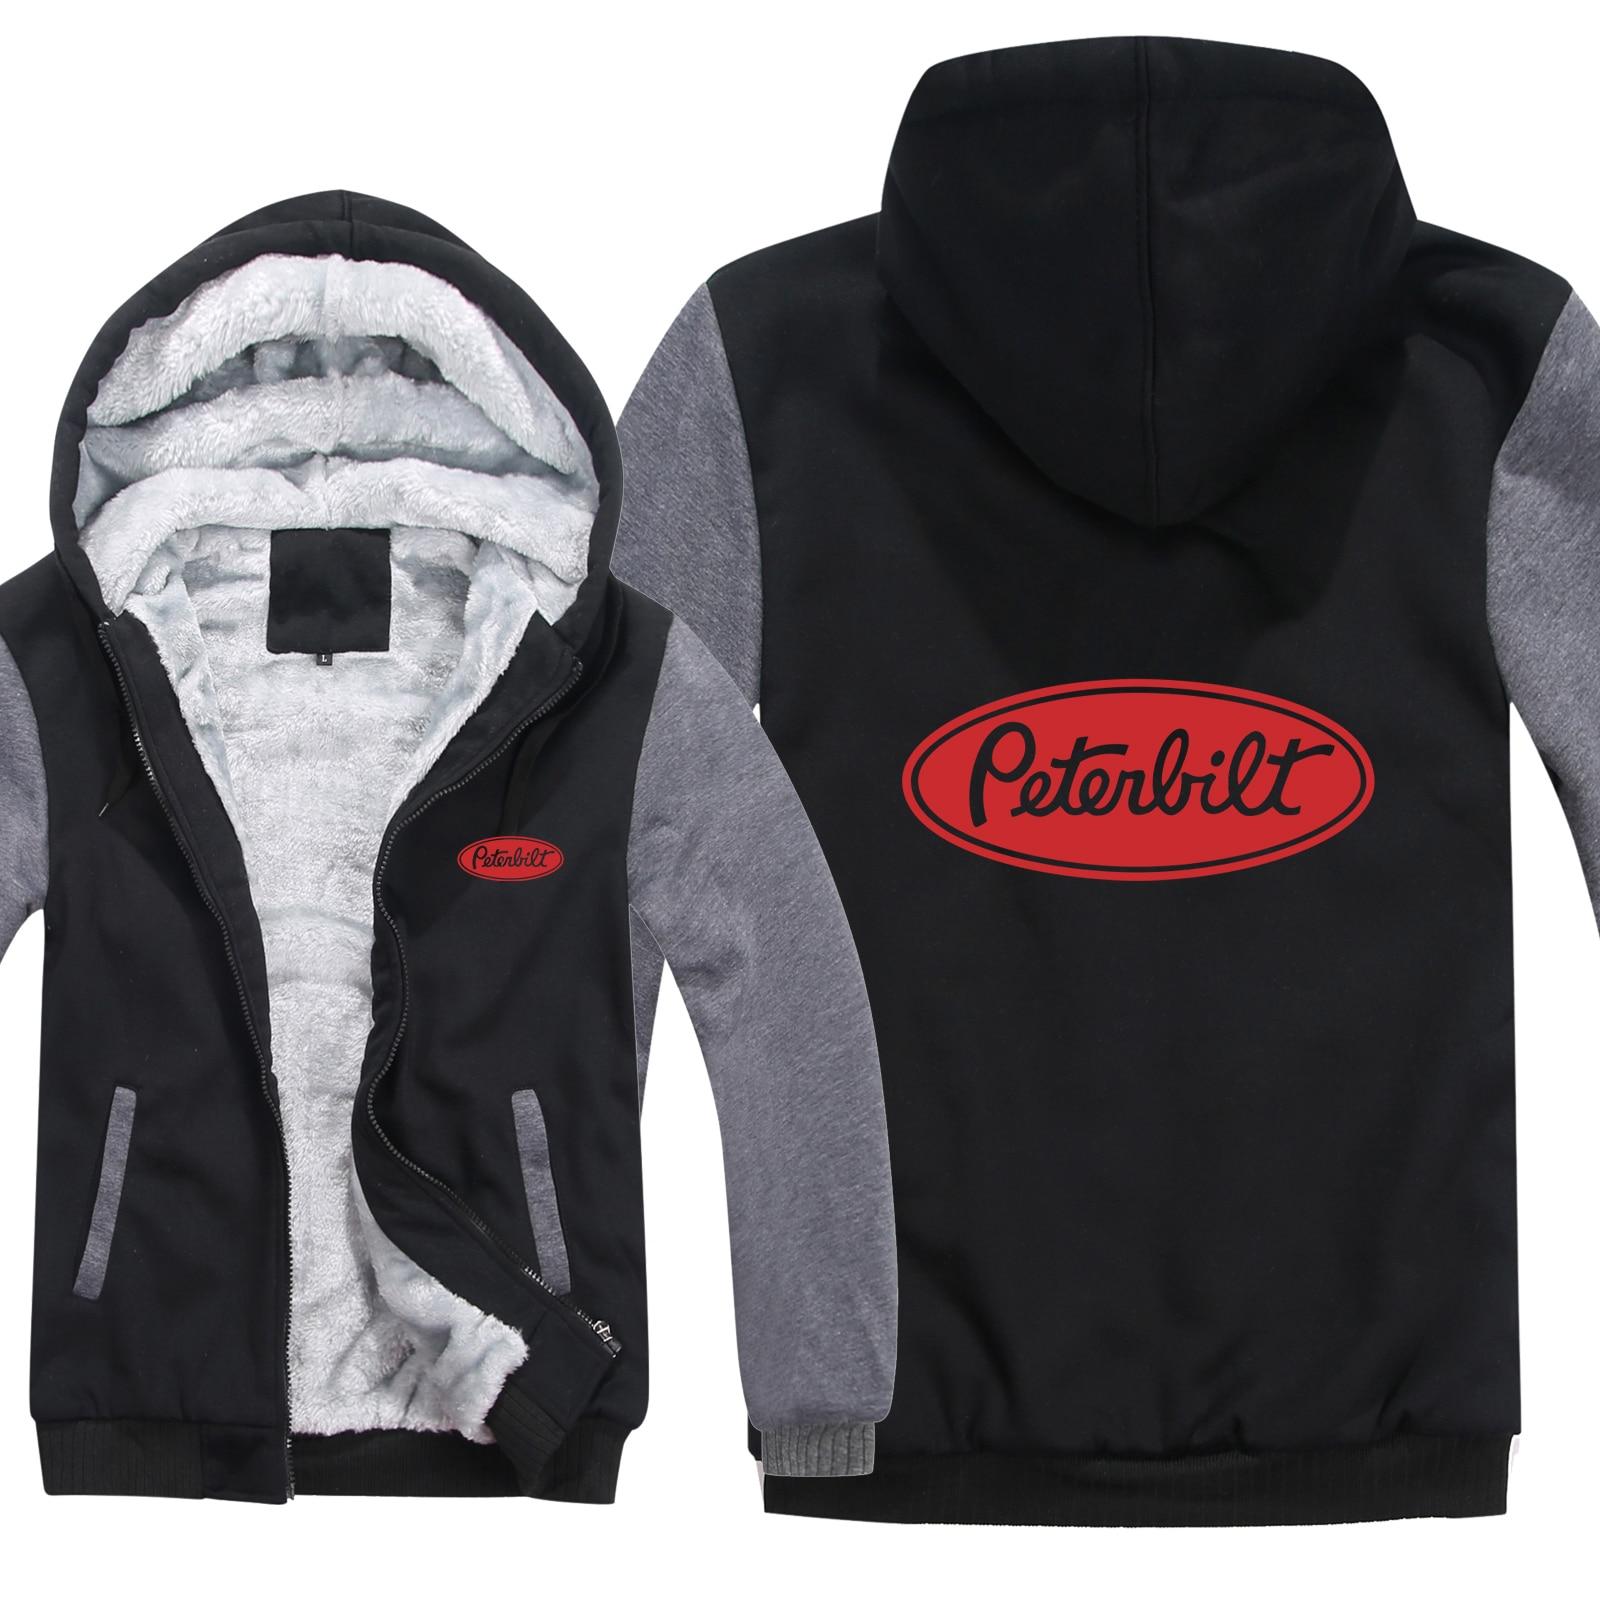 Грузовиков peterbilt, толстовка с капюшоном для мужчин, модный  теплый шерстяной свитер, зимняя куртка Peterbilt, Толстовка для мужчин,  пальто, HS 019Толстовки и кофты